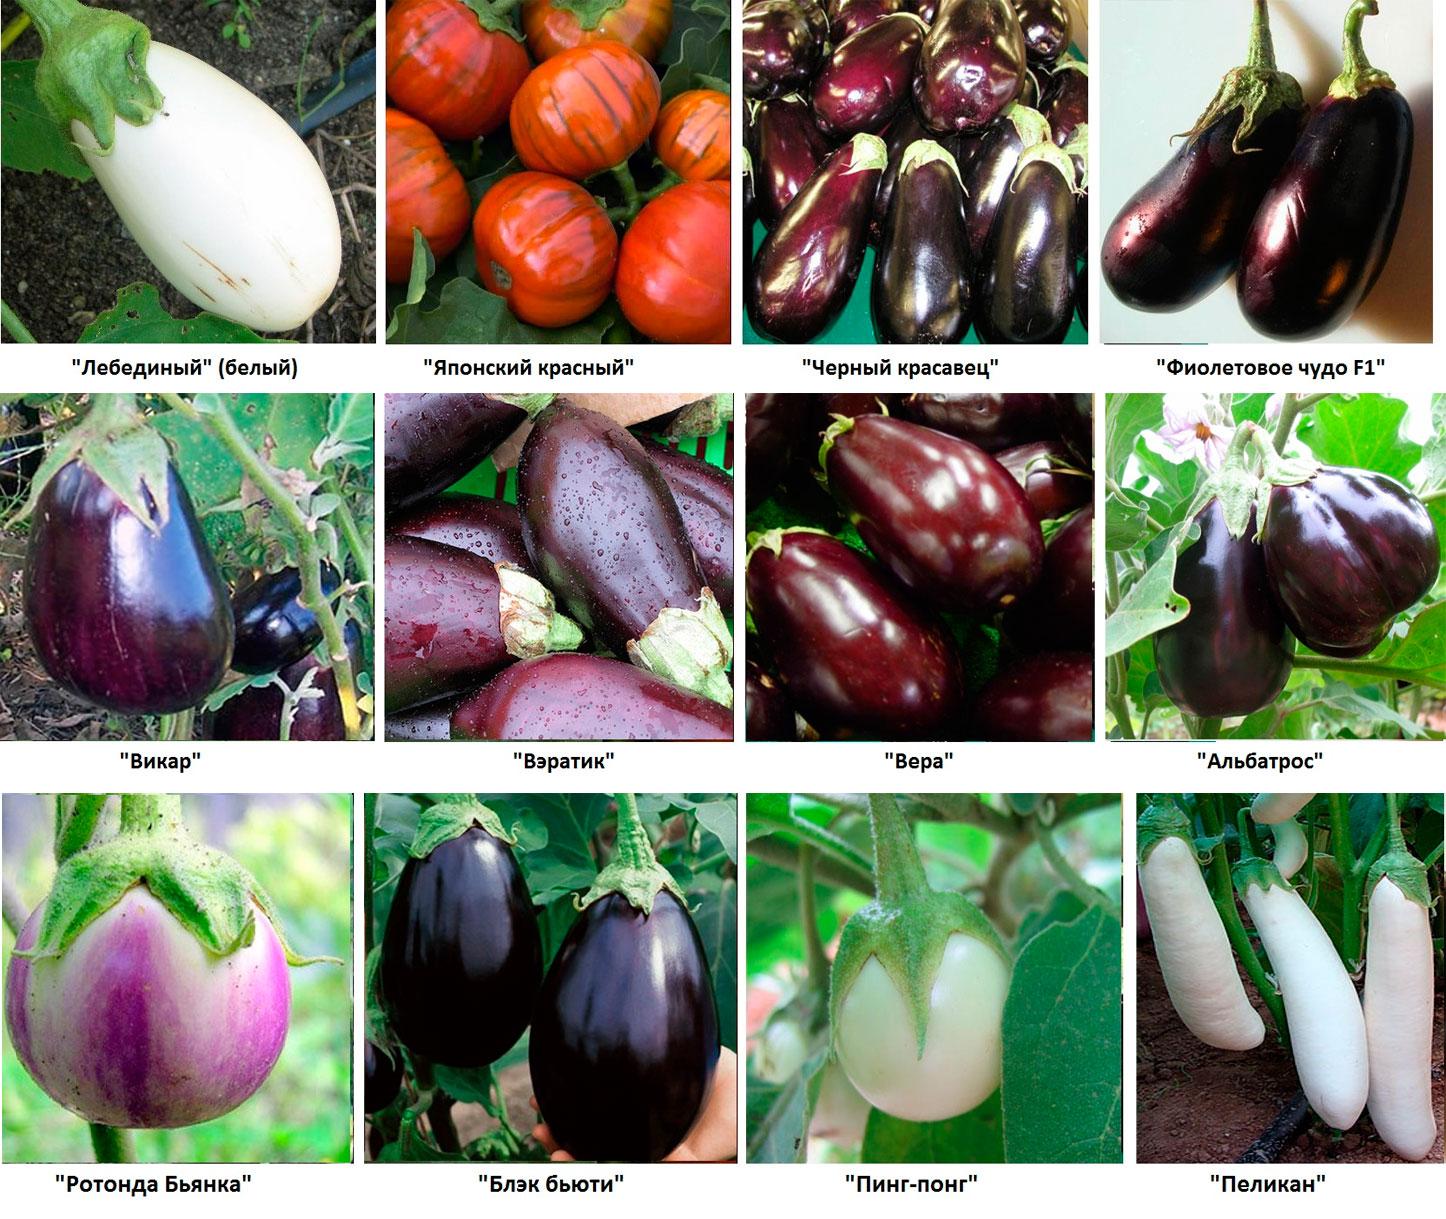 22 лучшие сорта баклажан для подмосковья для открытого грунта: характеристика и описание, урожайность, отзывы и фото, особенности выращивания